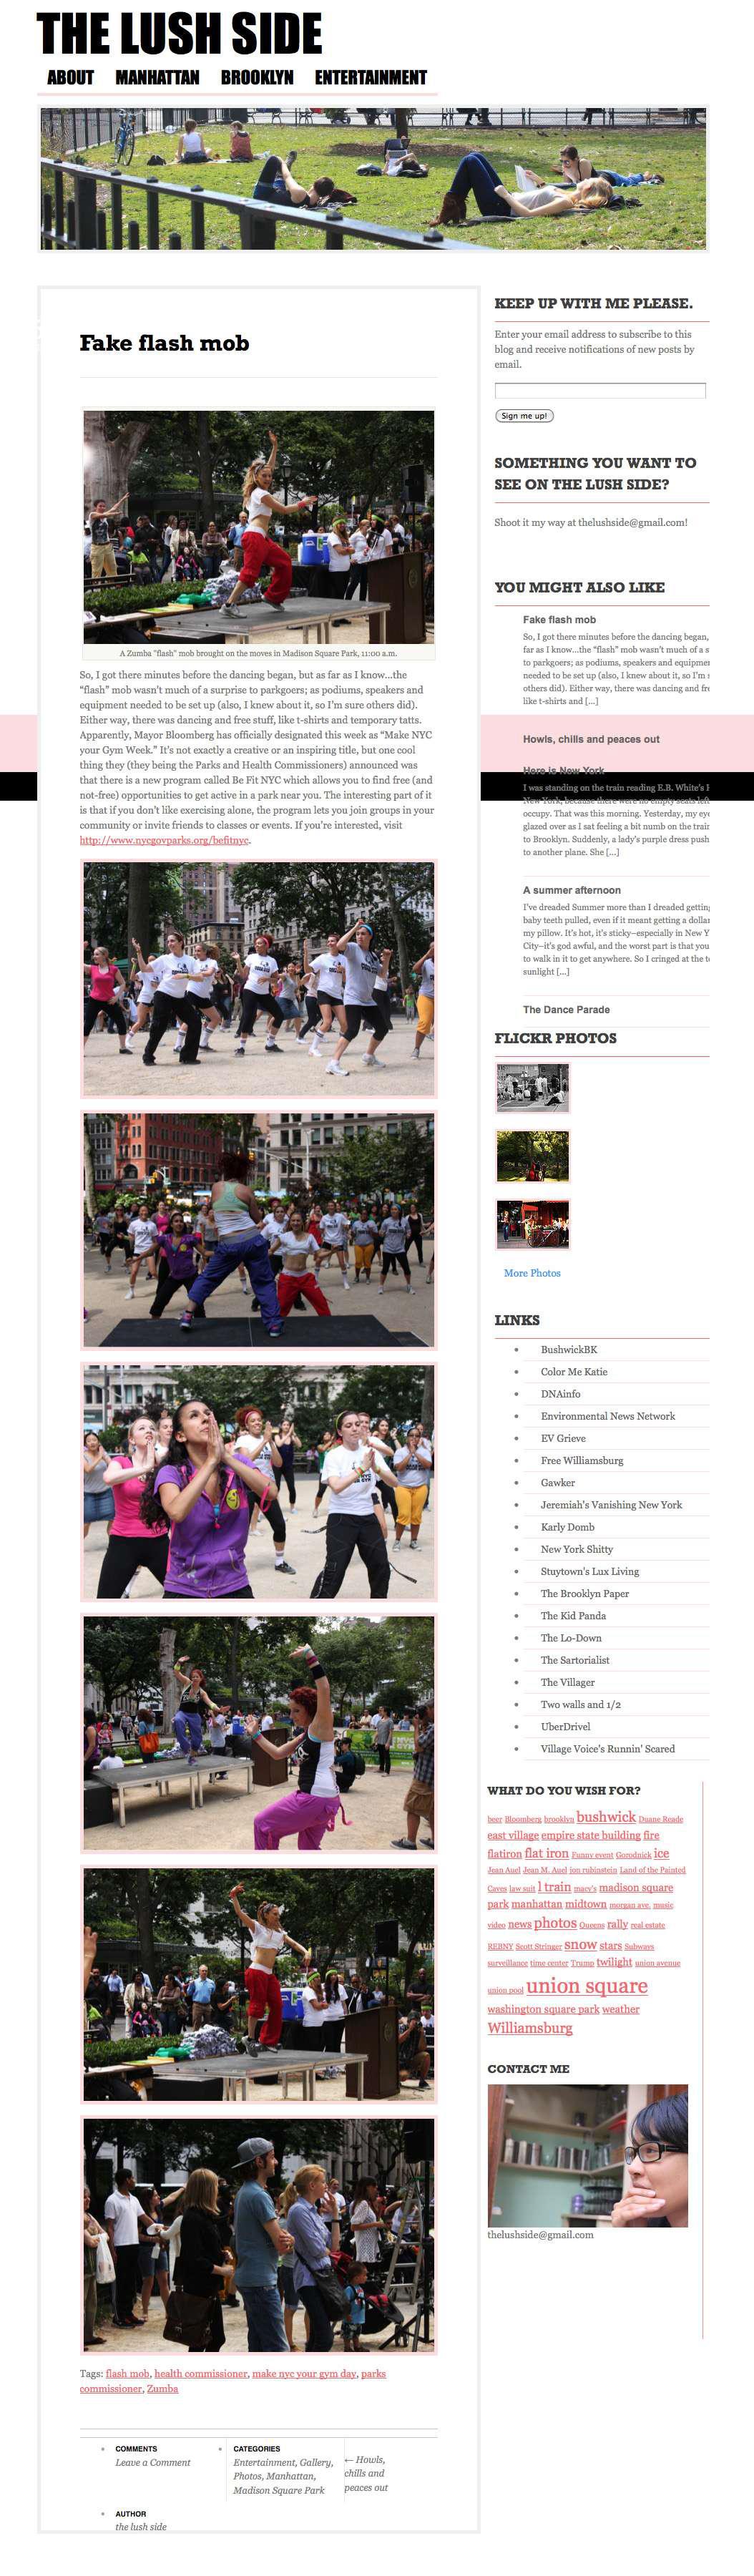 2011_6_The-Lush-Side-Flash-Mob.jpg